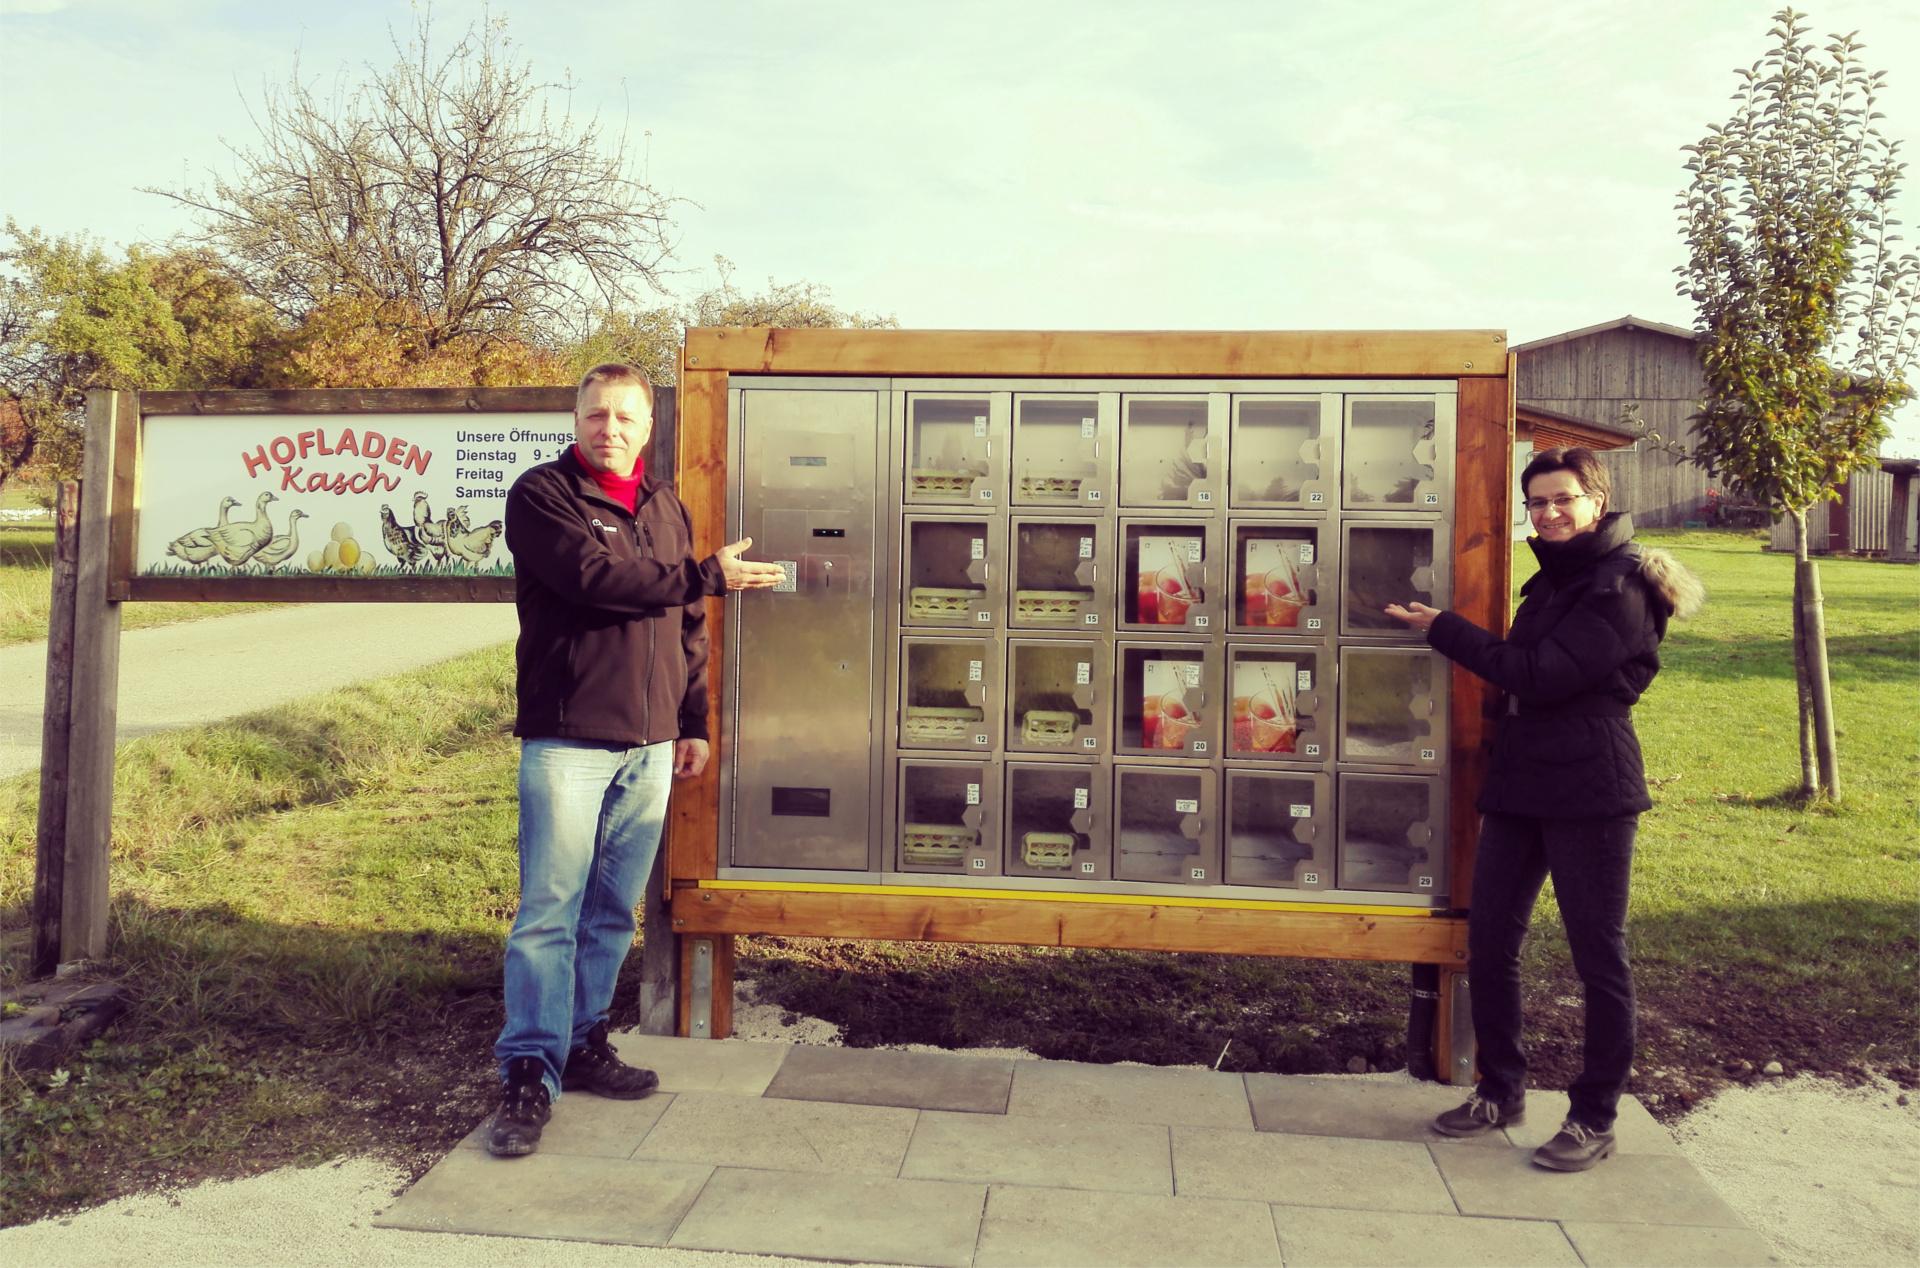 Verkaufsautomat Ohmenhäuser Straße mit Ingolf und Liane Kasch